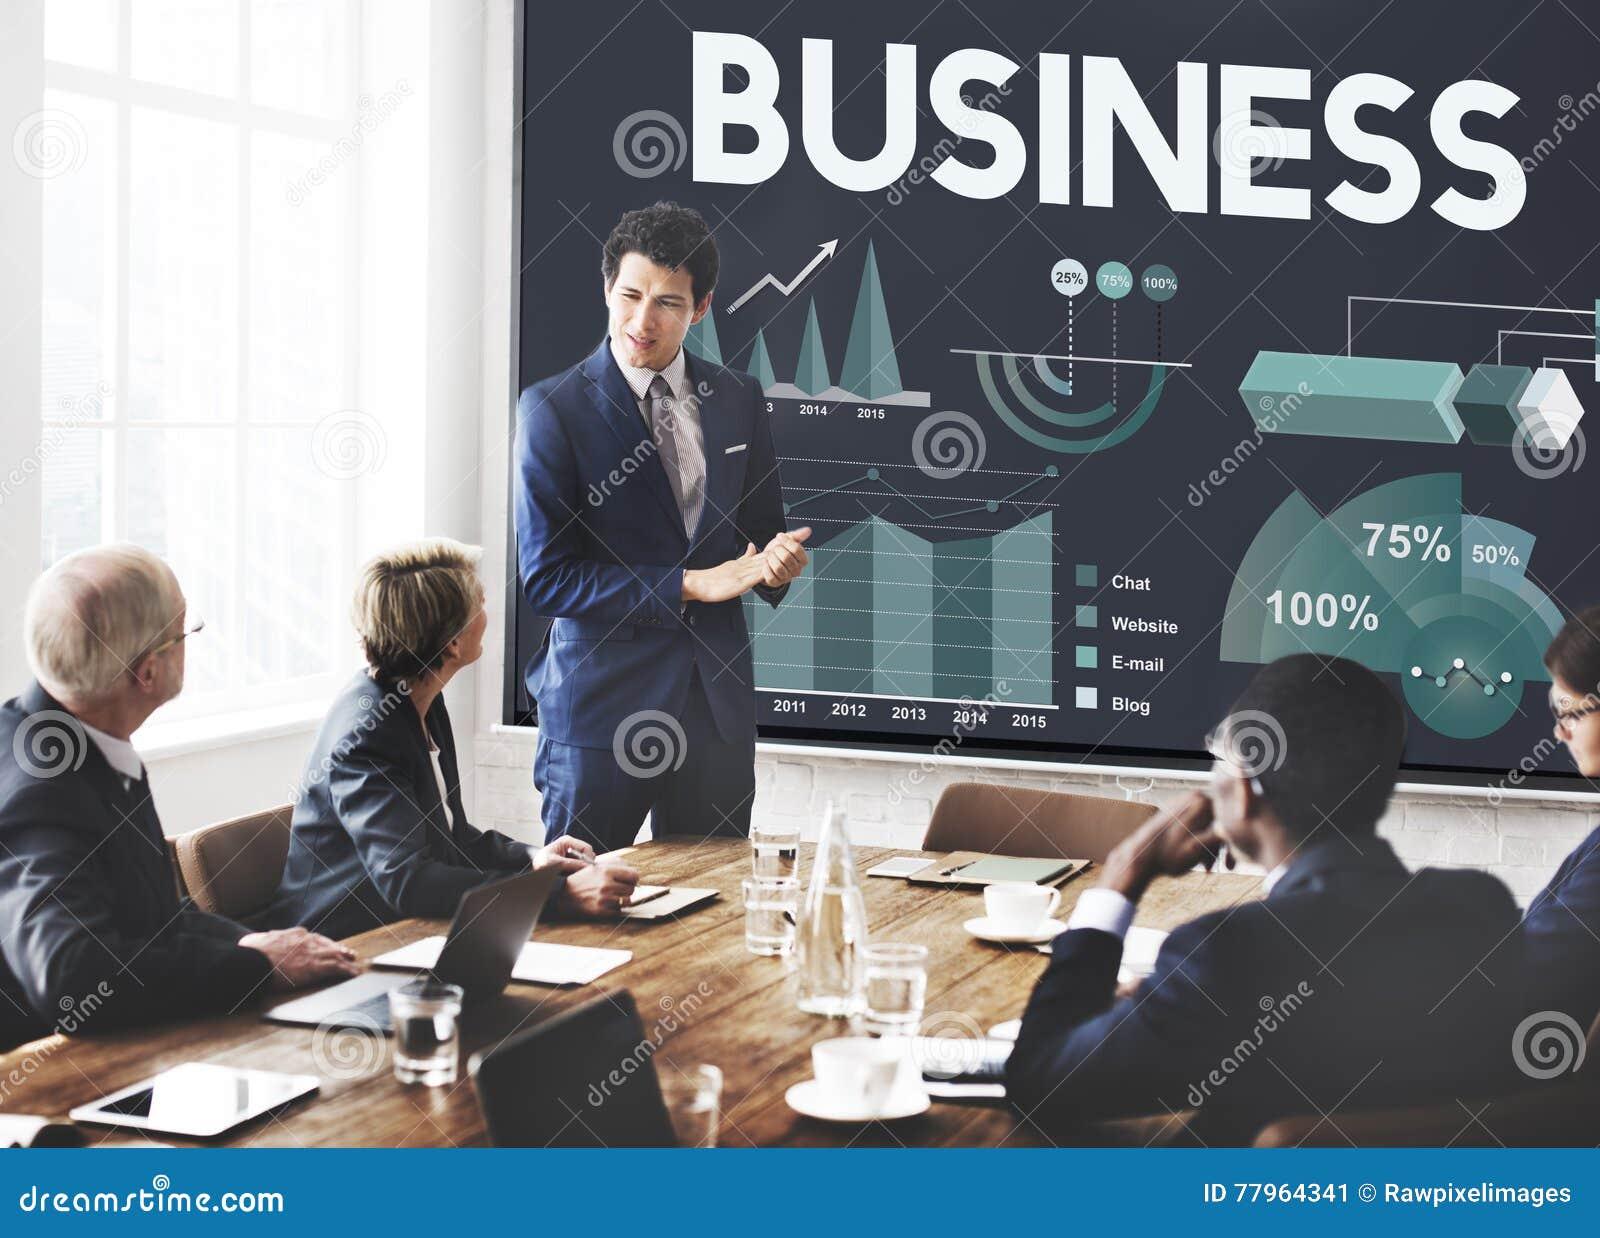 Biznesowej firmy Korporacyjnego przedsięwzięcia Organisation pojęcie